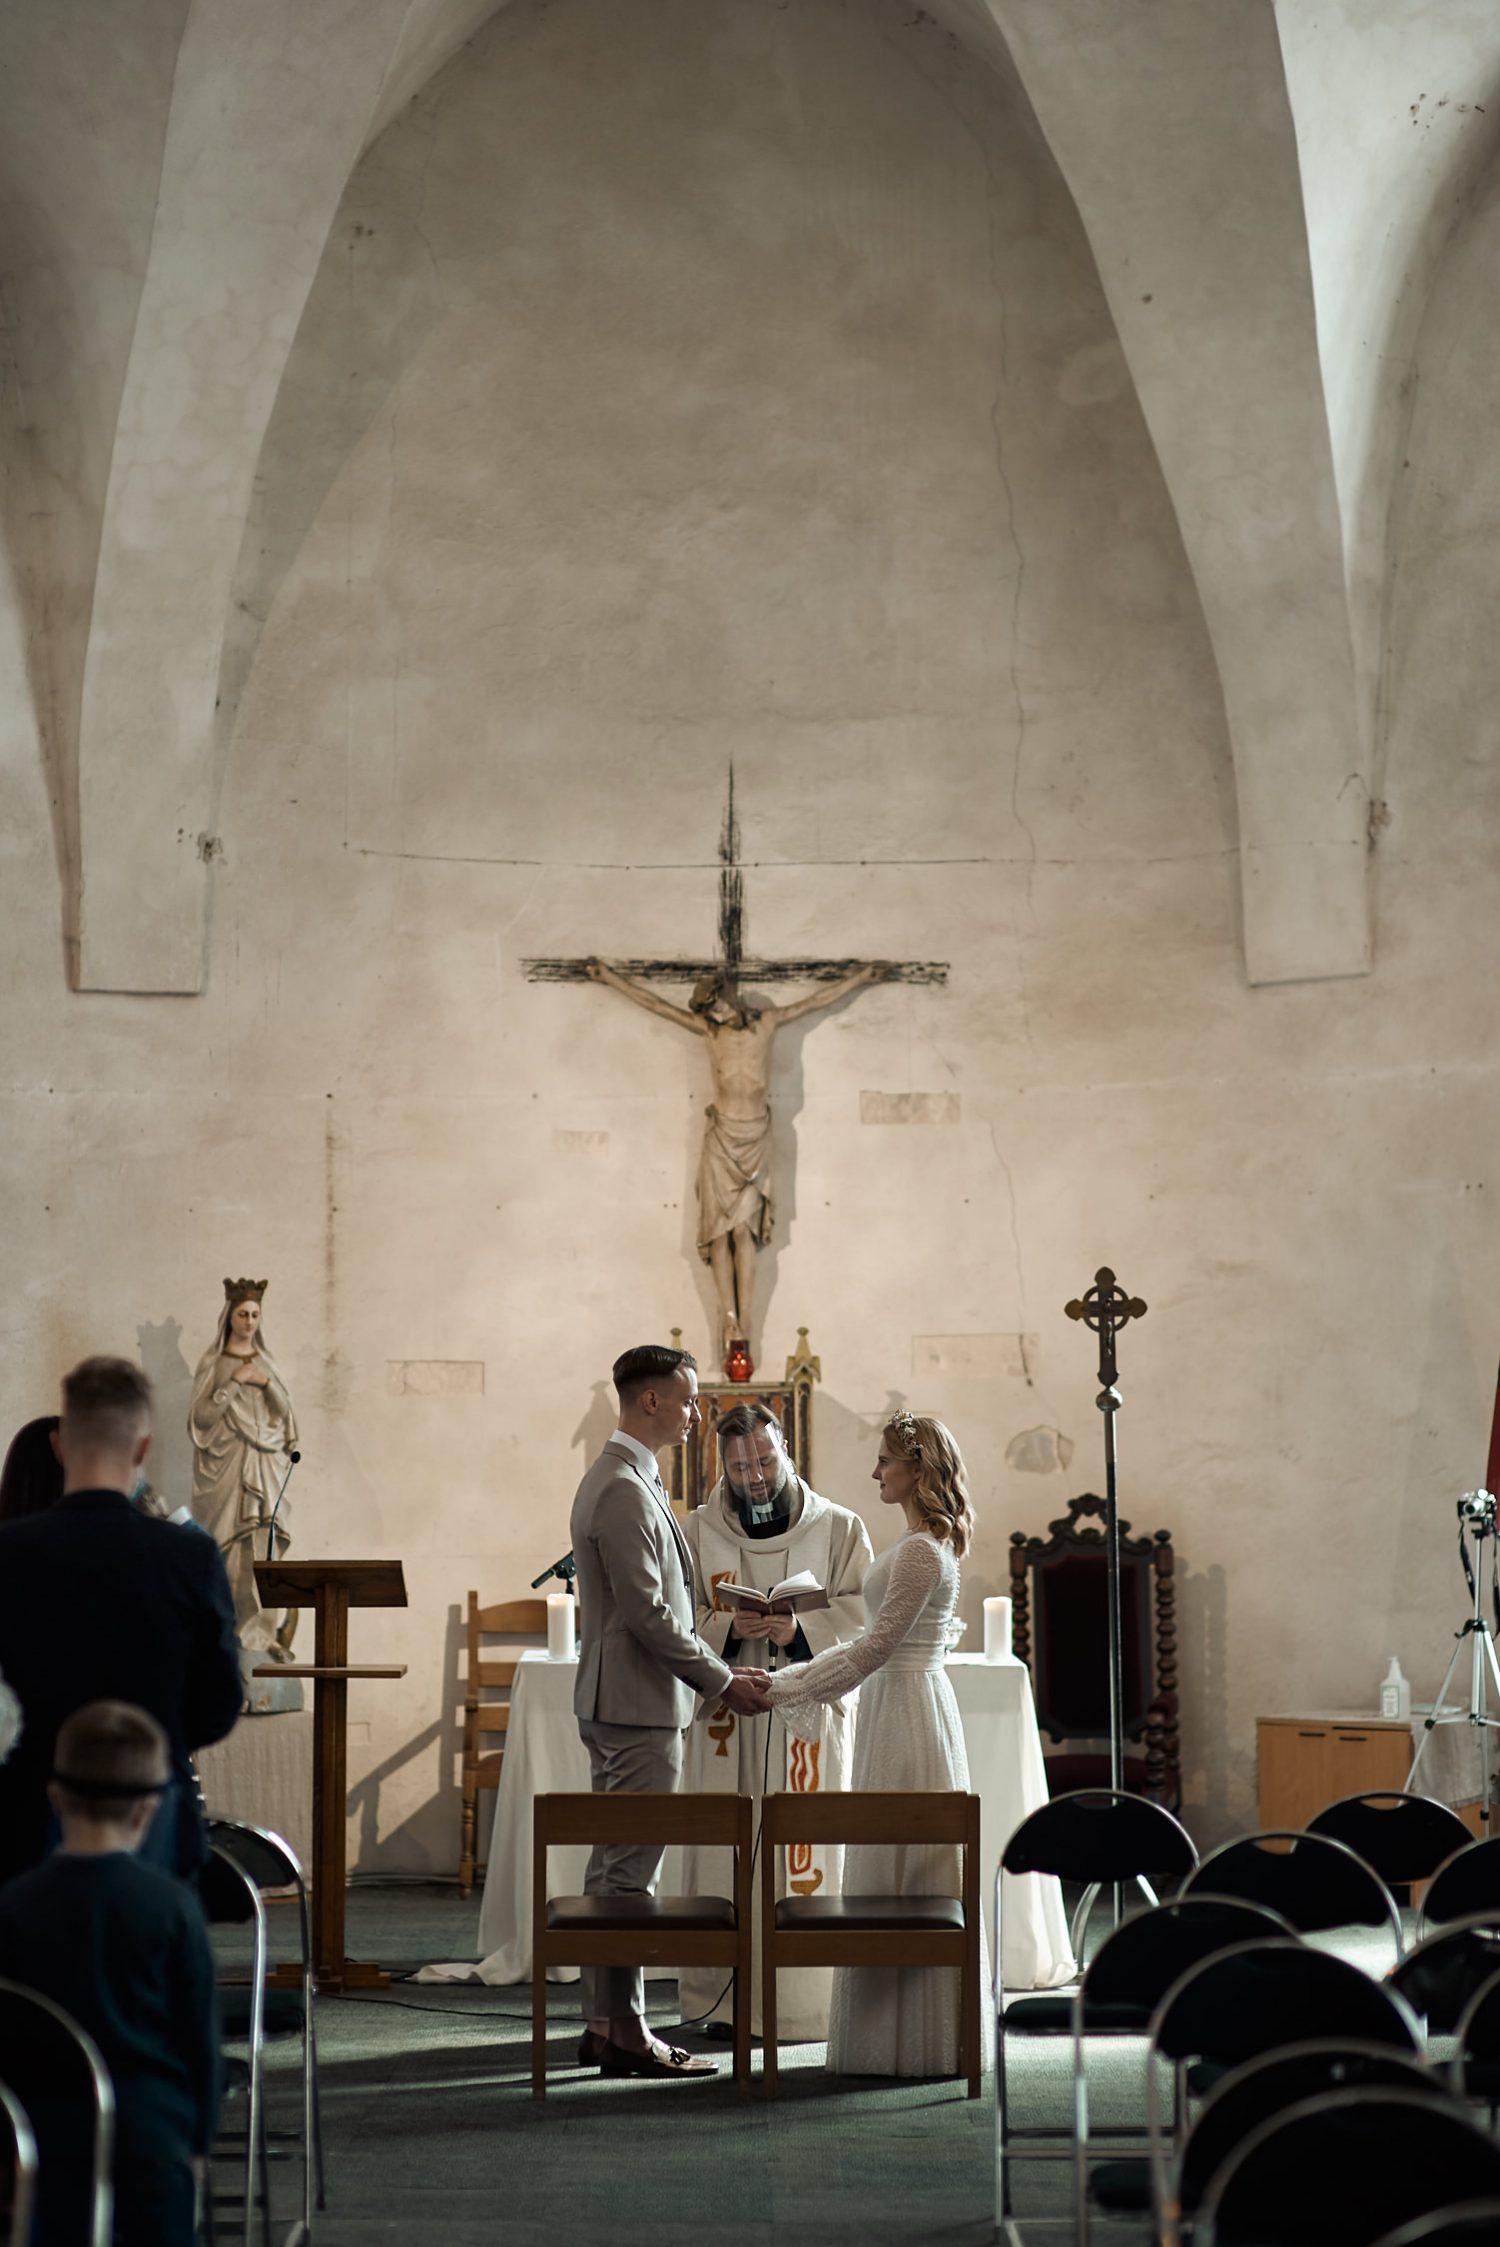 Milda ir Vilius sako vienas kitam priesaiką, ceremonija Vilniaus Švč. Mergelės Marijos Ramintojos bažnyčioje